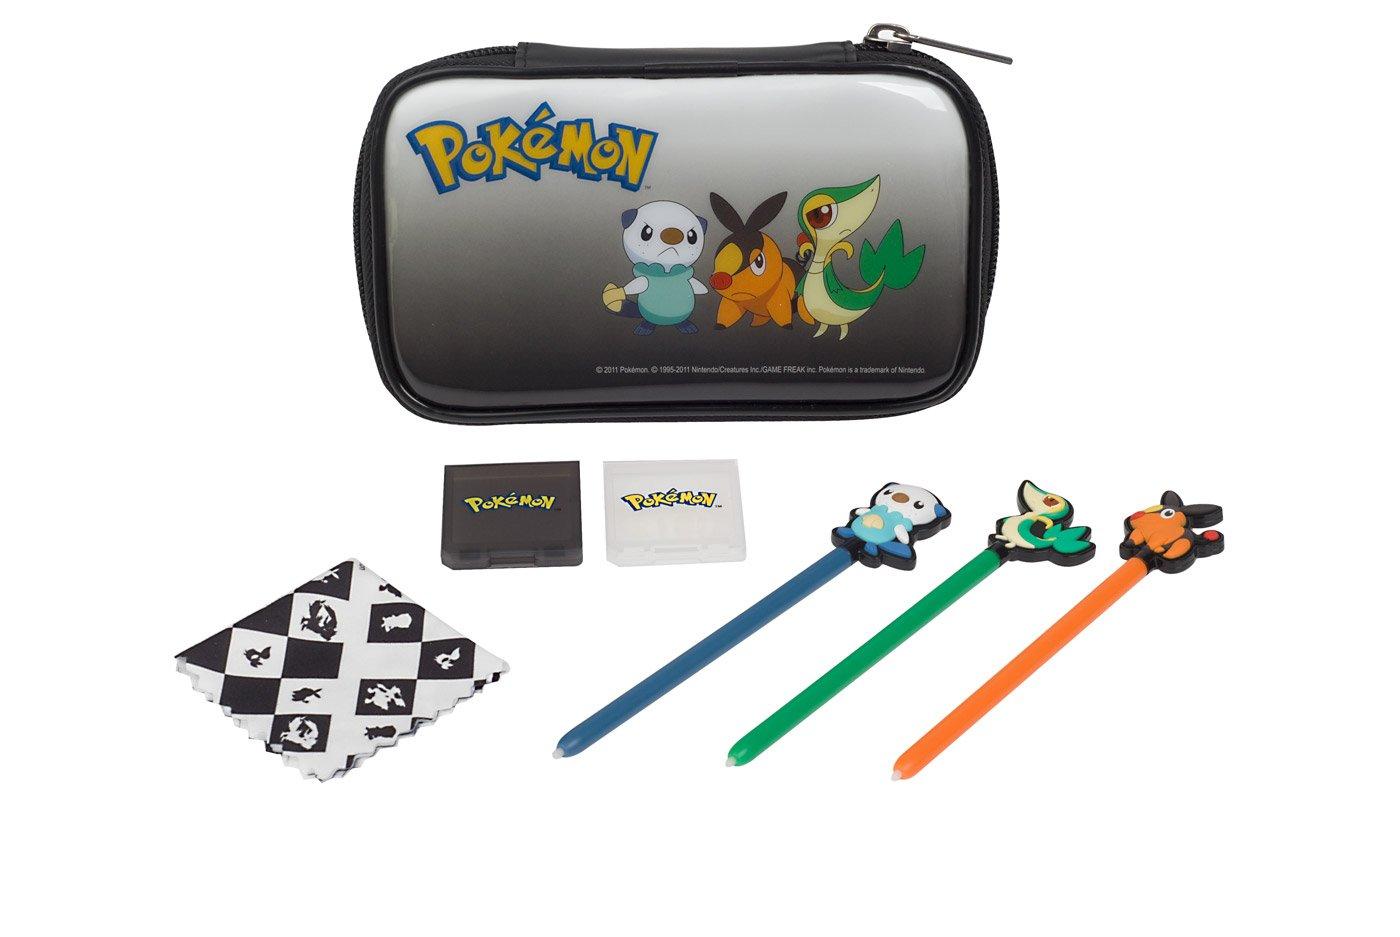 DS Pokemon Character Case Kit